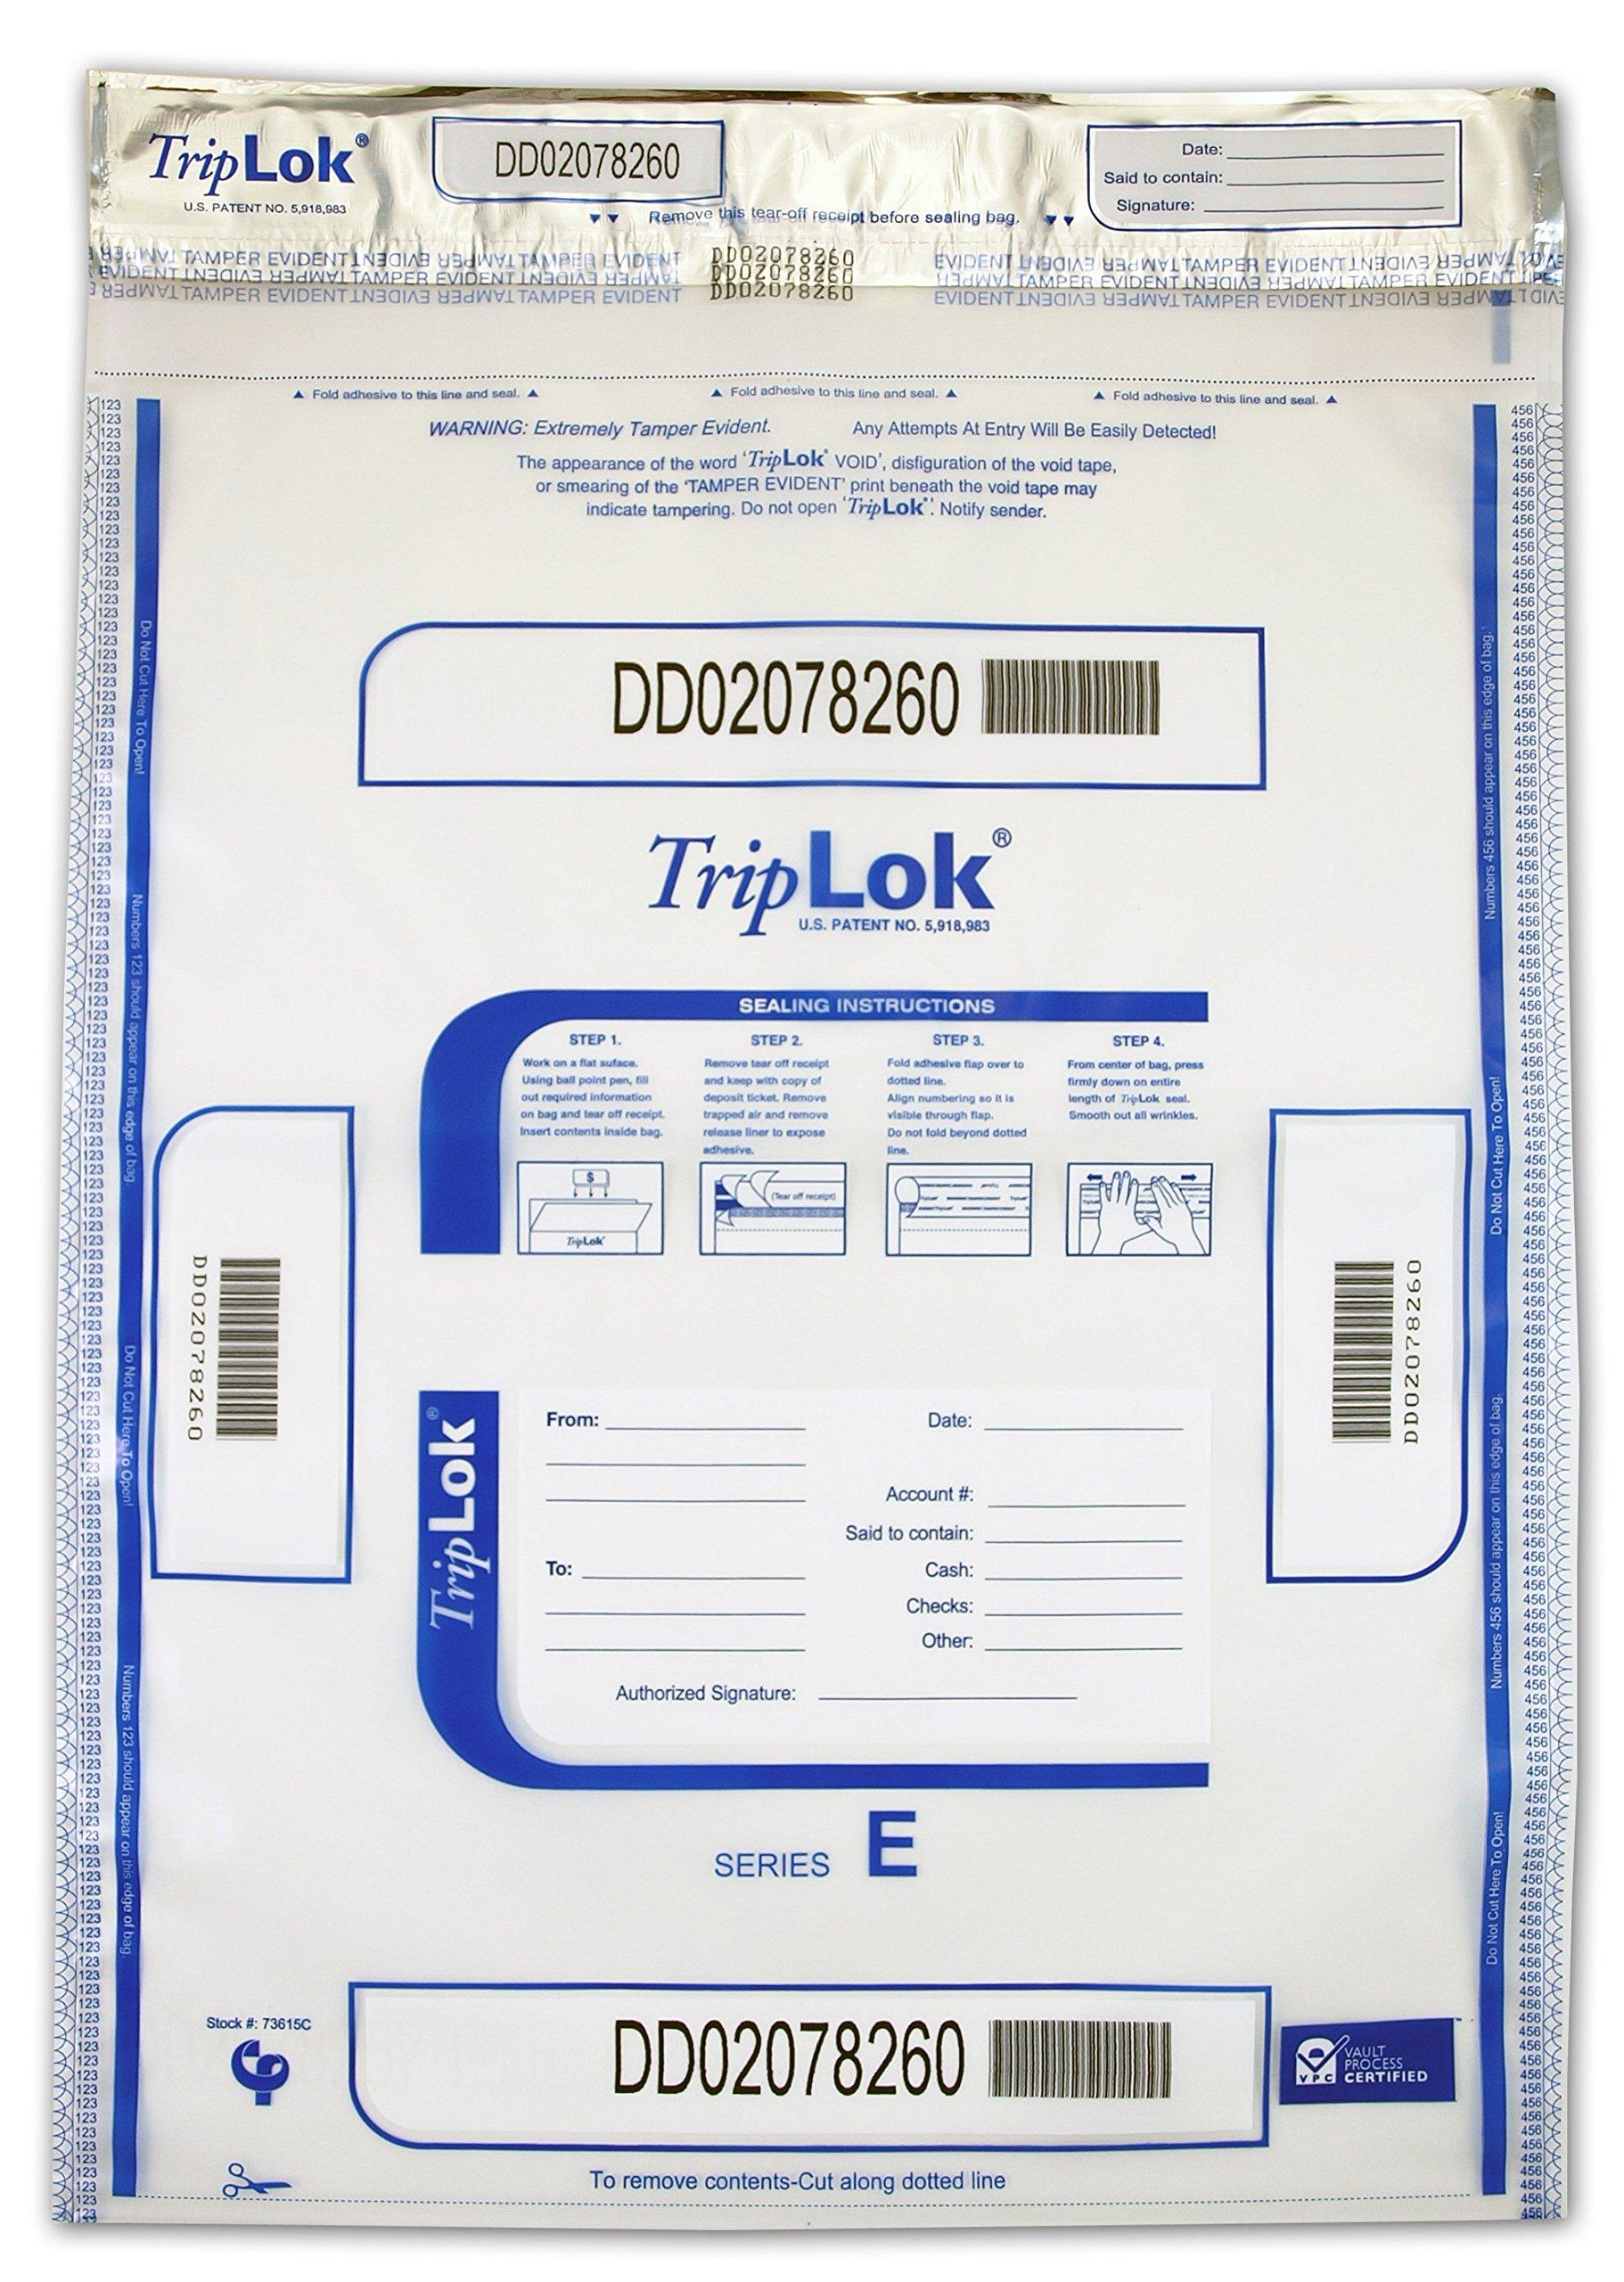 15 X 20 TripLok, clear, 50 Deposit Bags by CONTROLTEK